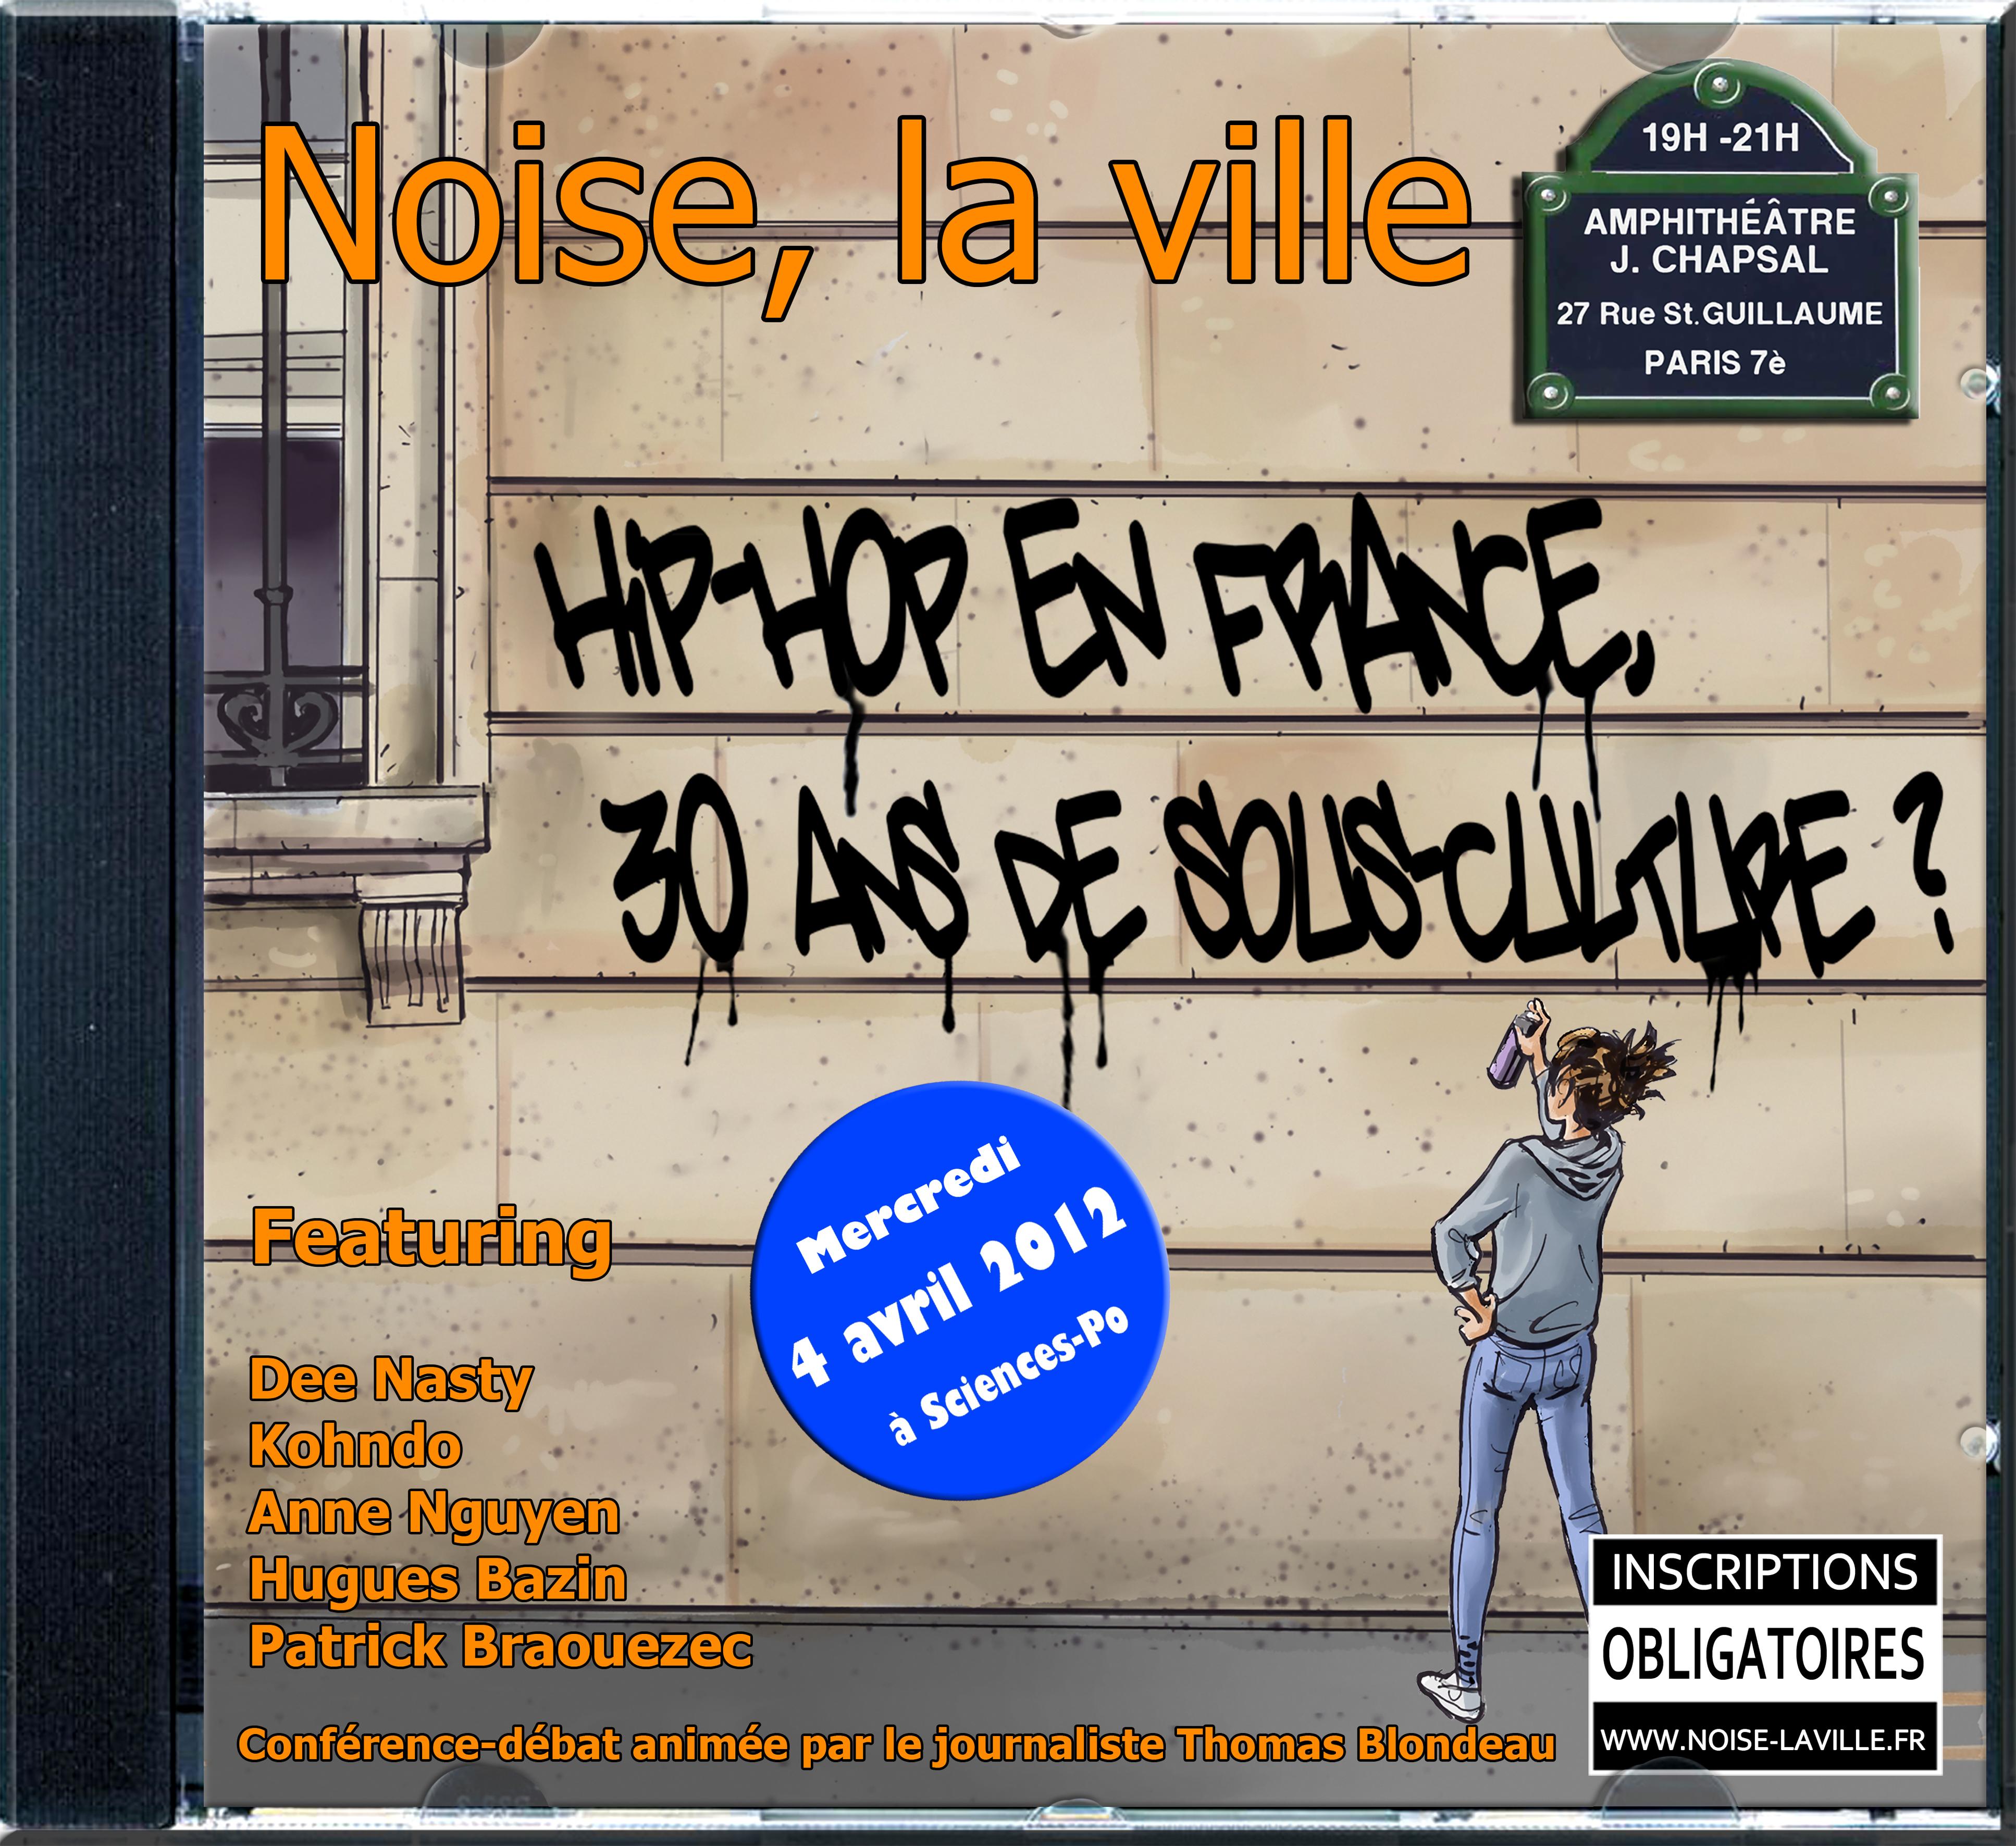 Conférence à Sciences Po : le Hip Hop en France, 30 ans de sous-culture ?